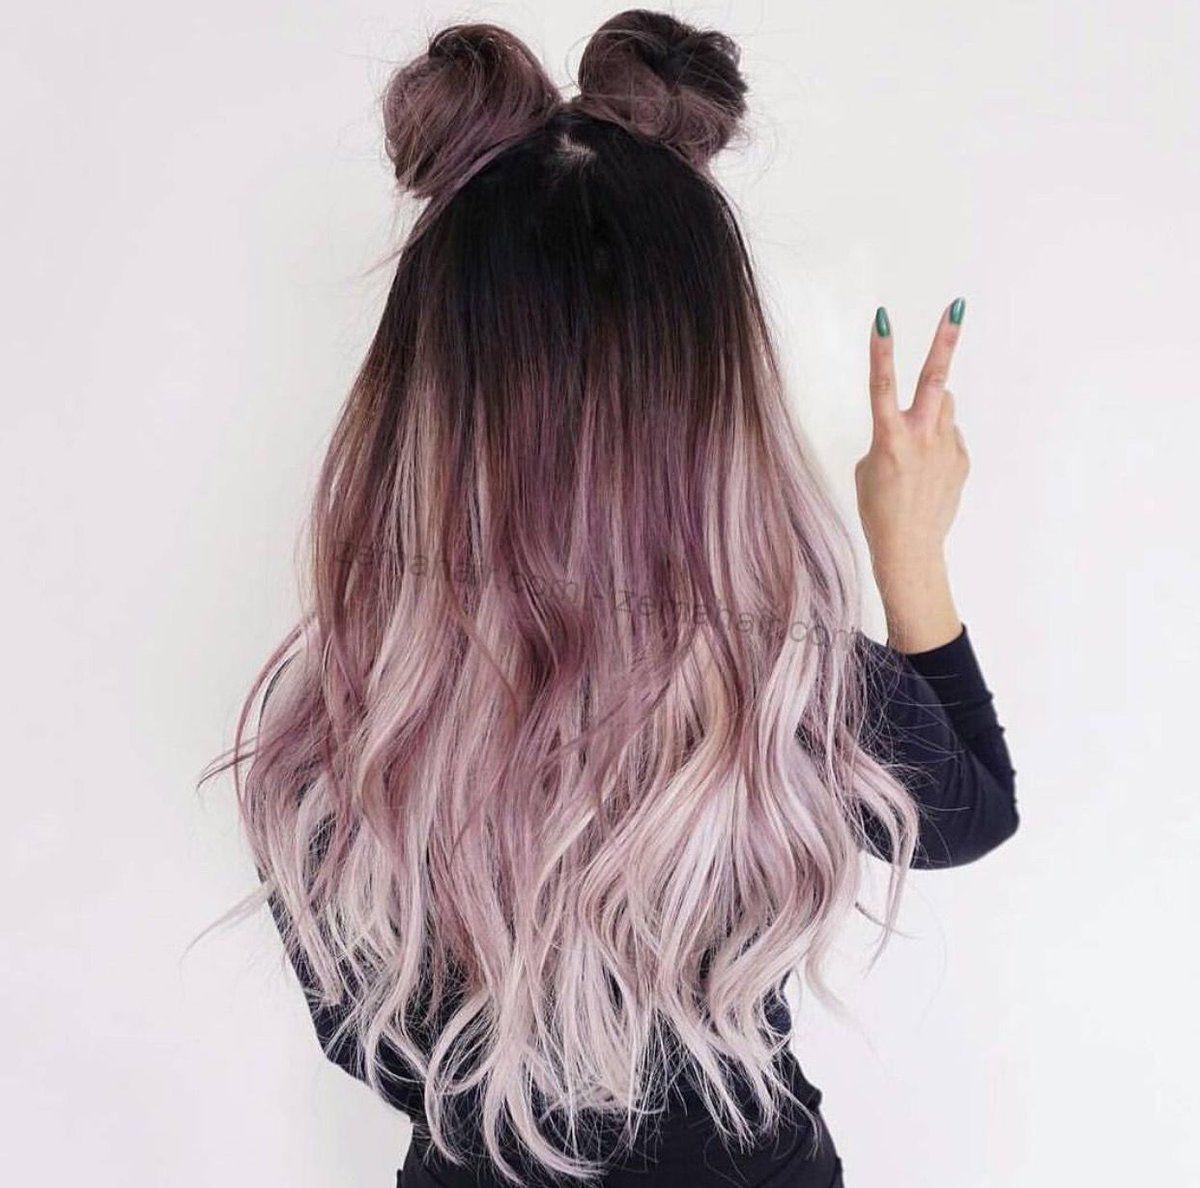 Mái tóc nhuộm đẹp thôi chưa đủ mà còn phải khoẻ